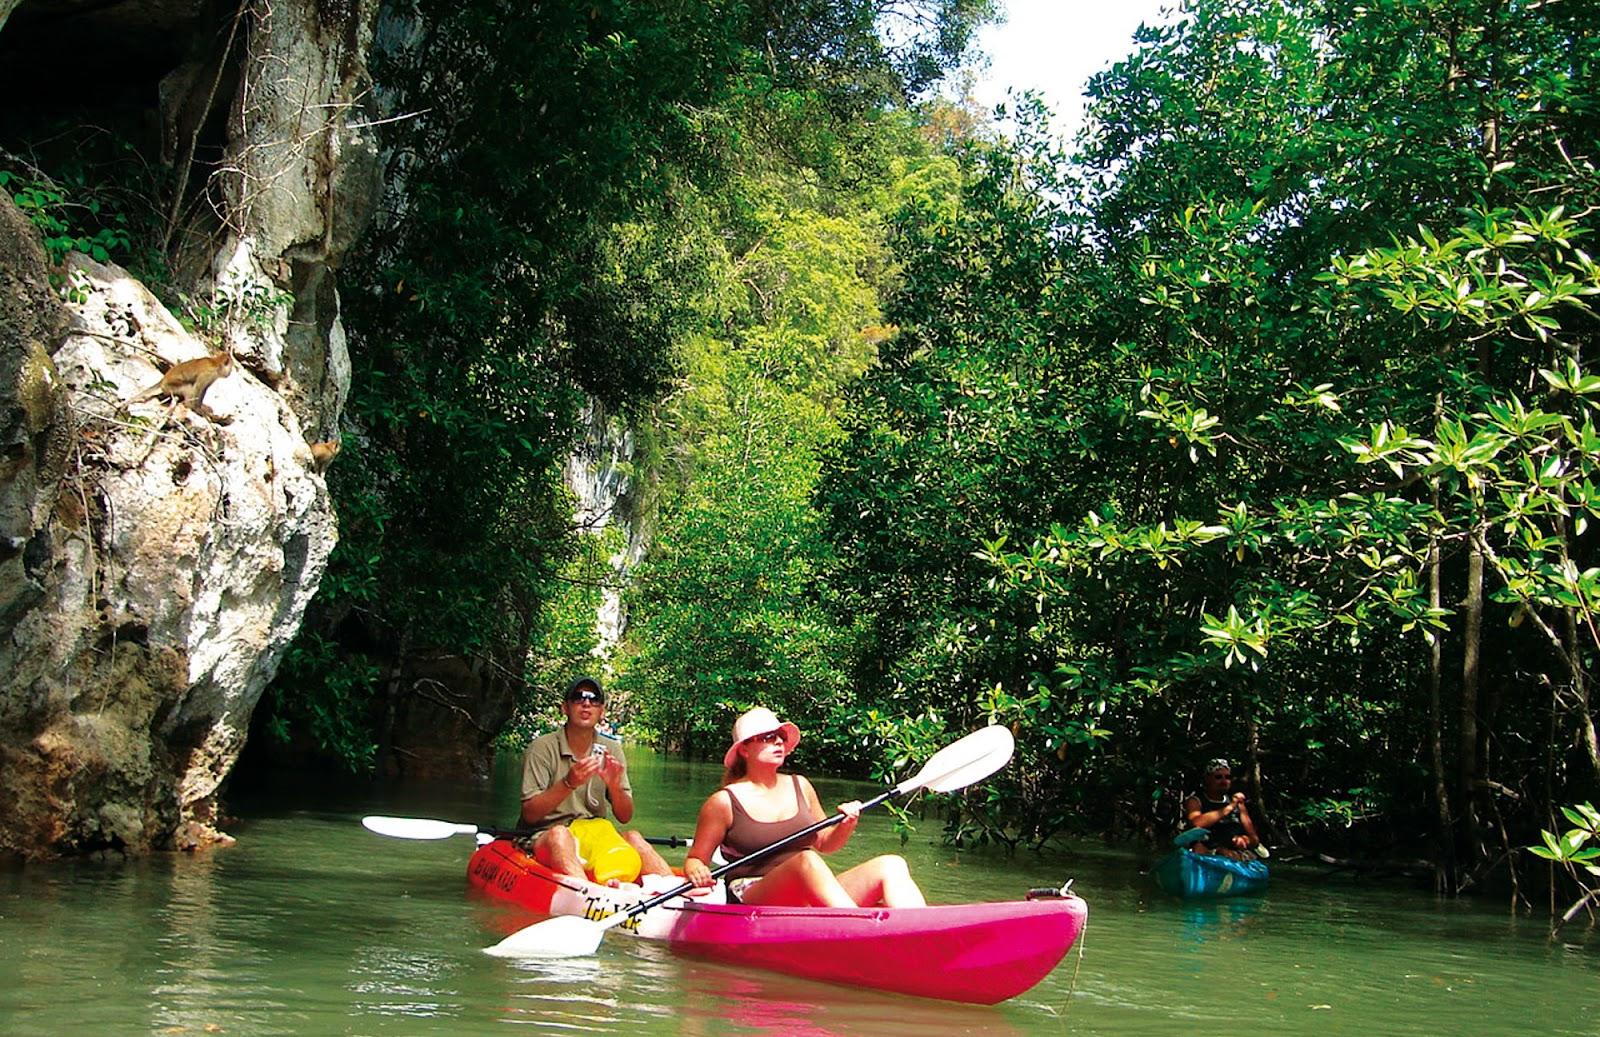 Sea Kayaking at Bor Thor in Krabi